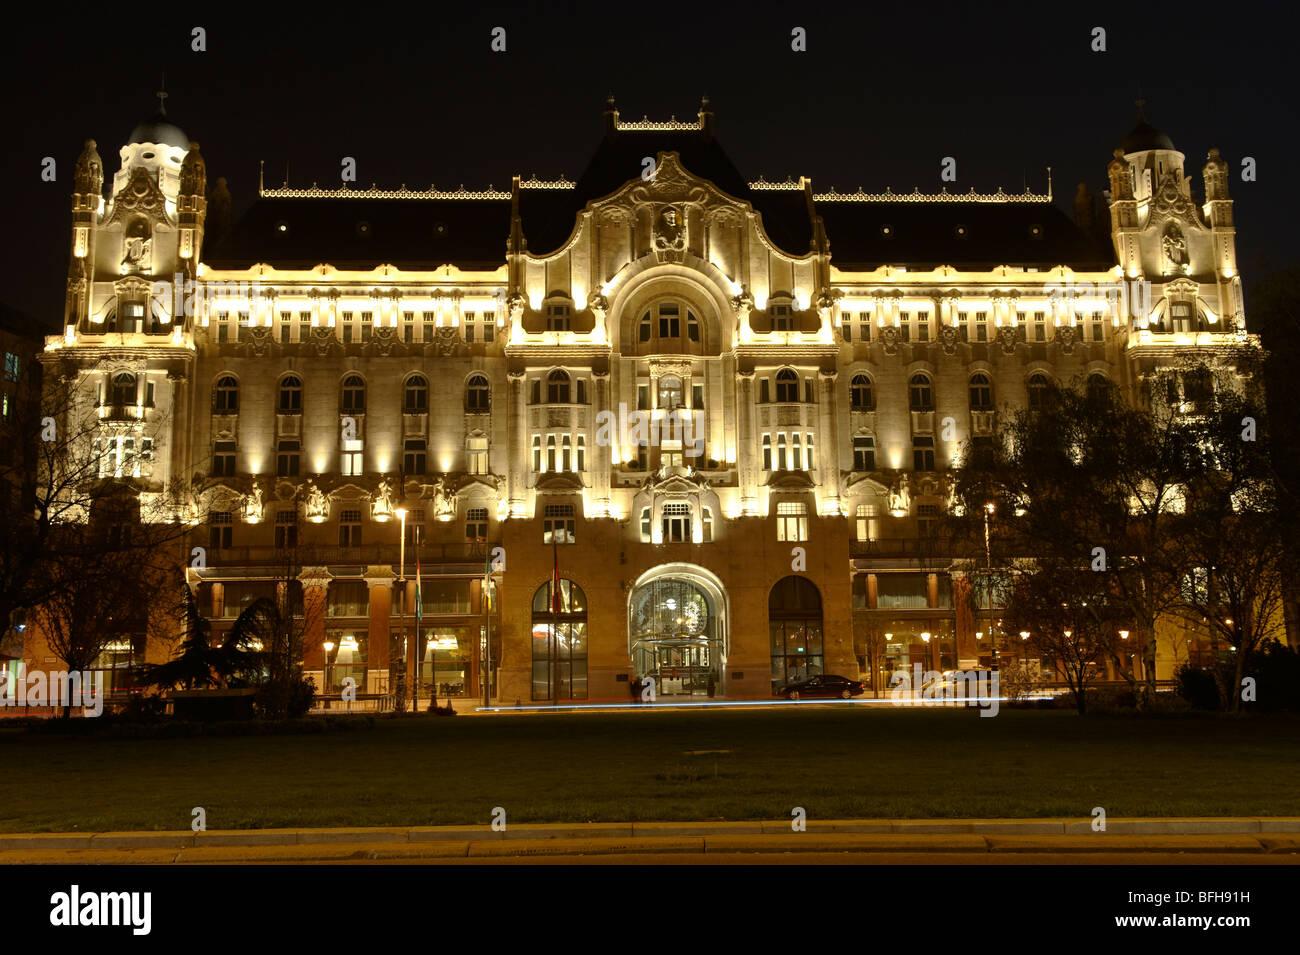 Gresham Palace ; Four Seasons ; Budapest; Hungary; night - Stock Image